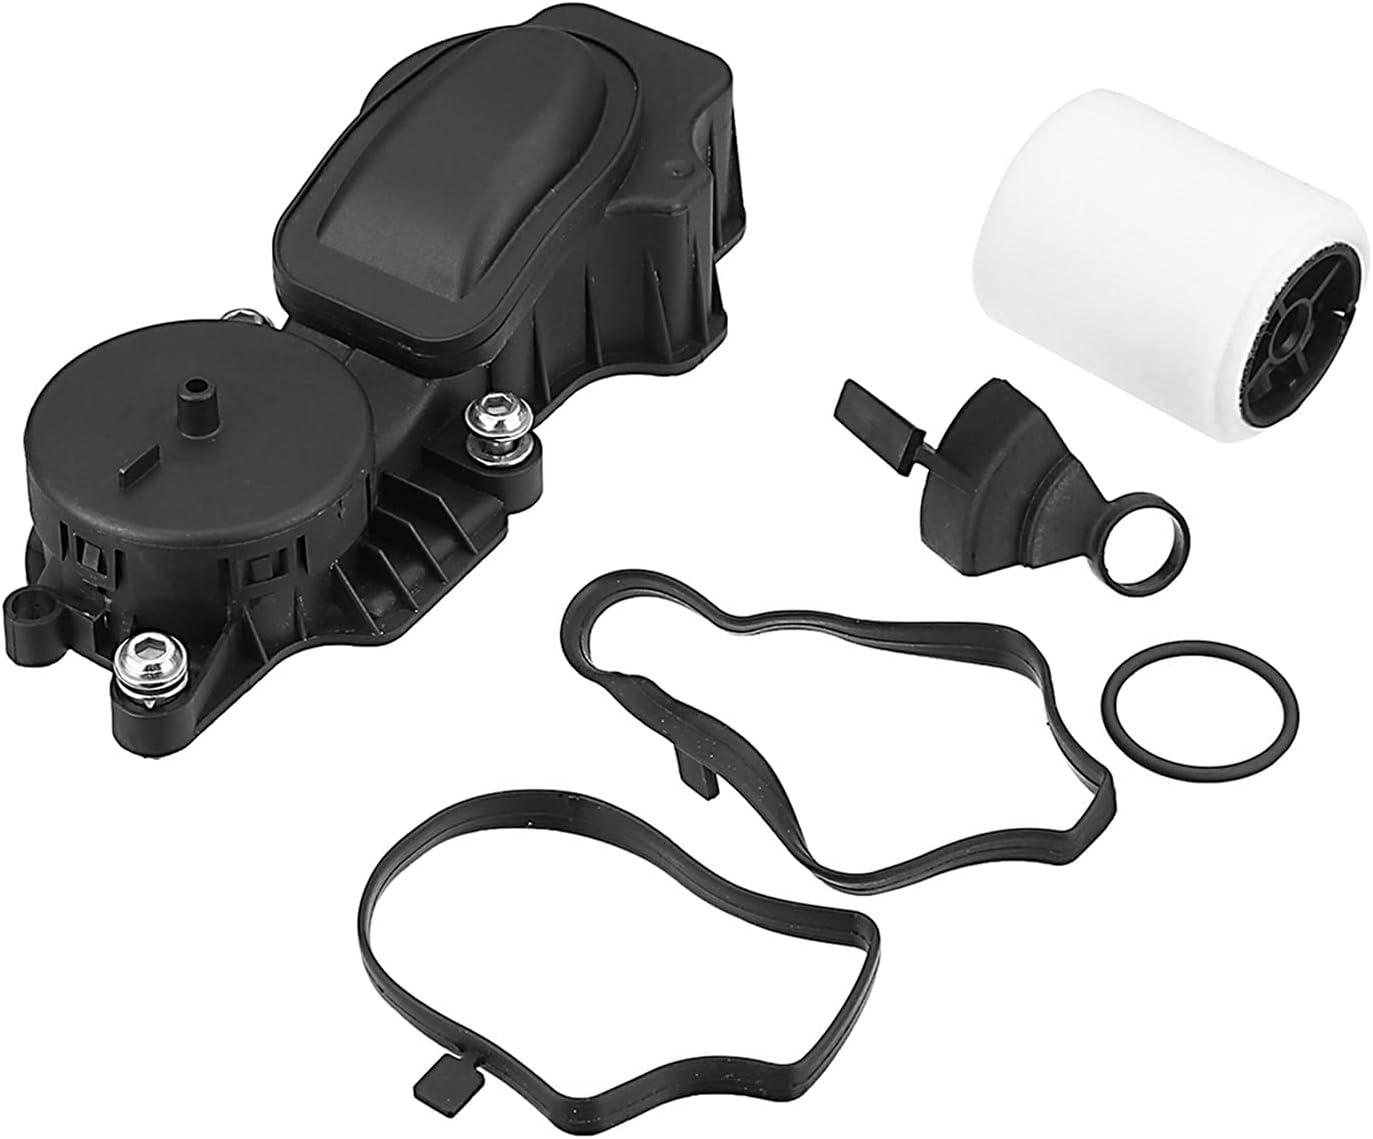 ZHANGHANG # 11127791552 Filtro de Aceite del Motor Separador de Aceite Separador de cigüeñal Ventilación de ventilación de cigüeñal Ajuste para BMW E46 E60 E61 ZH